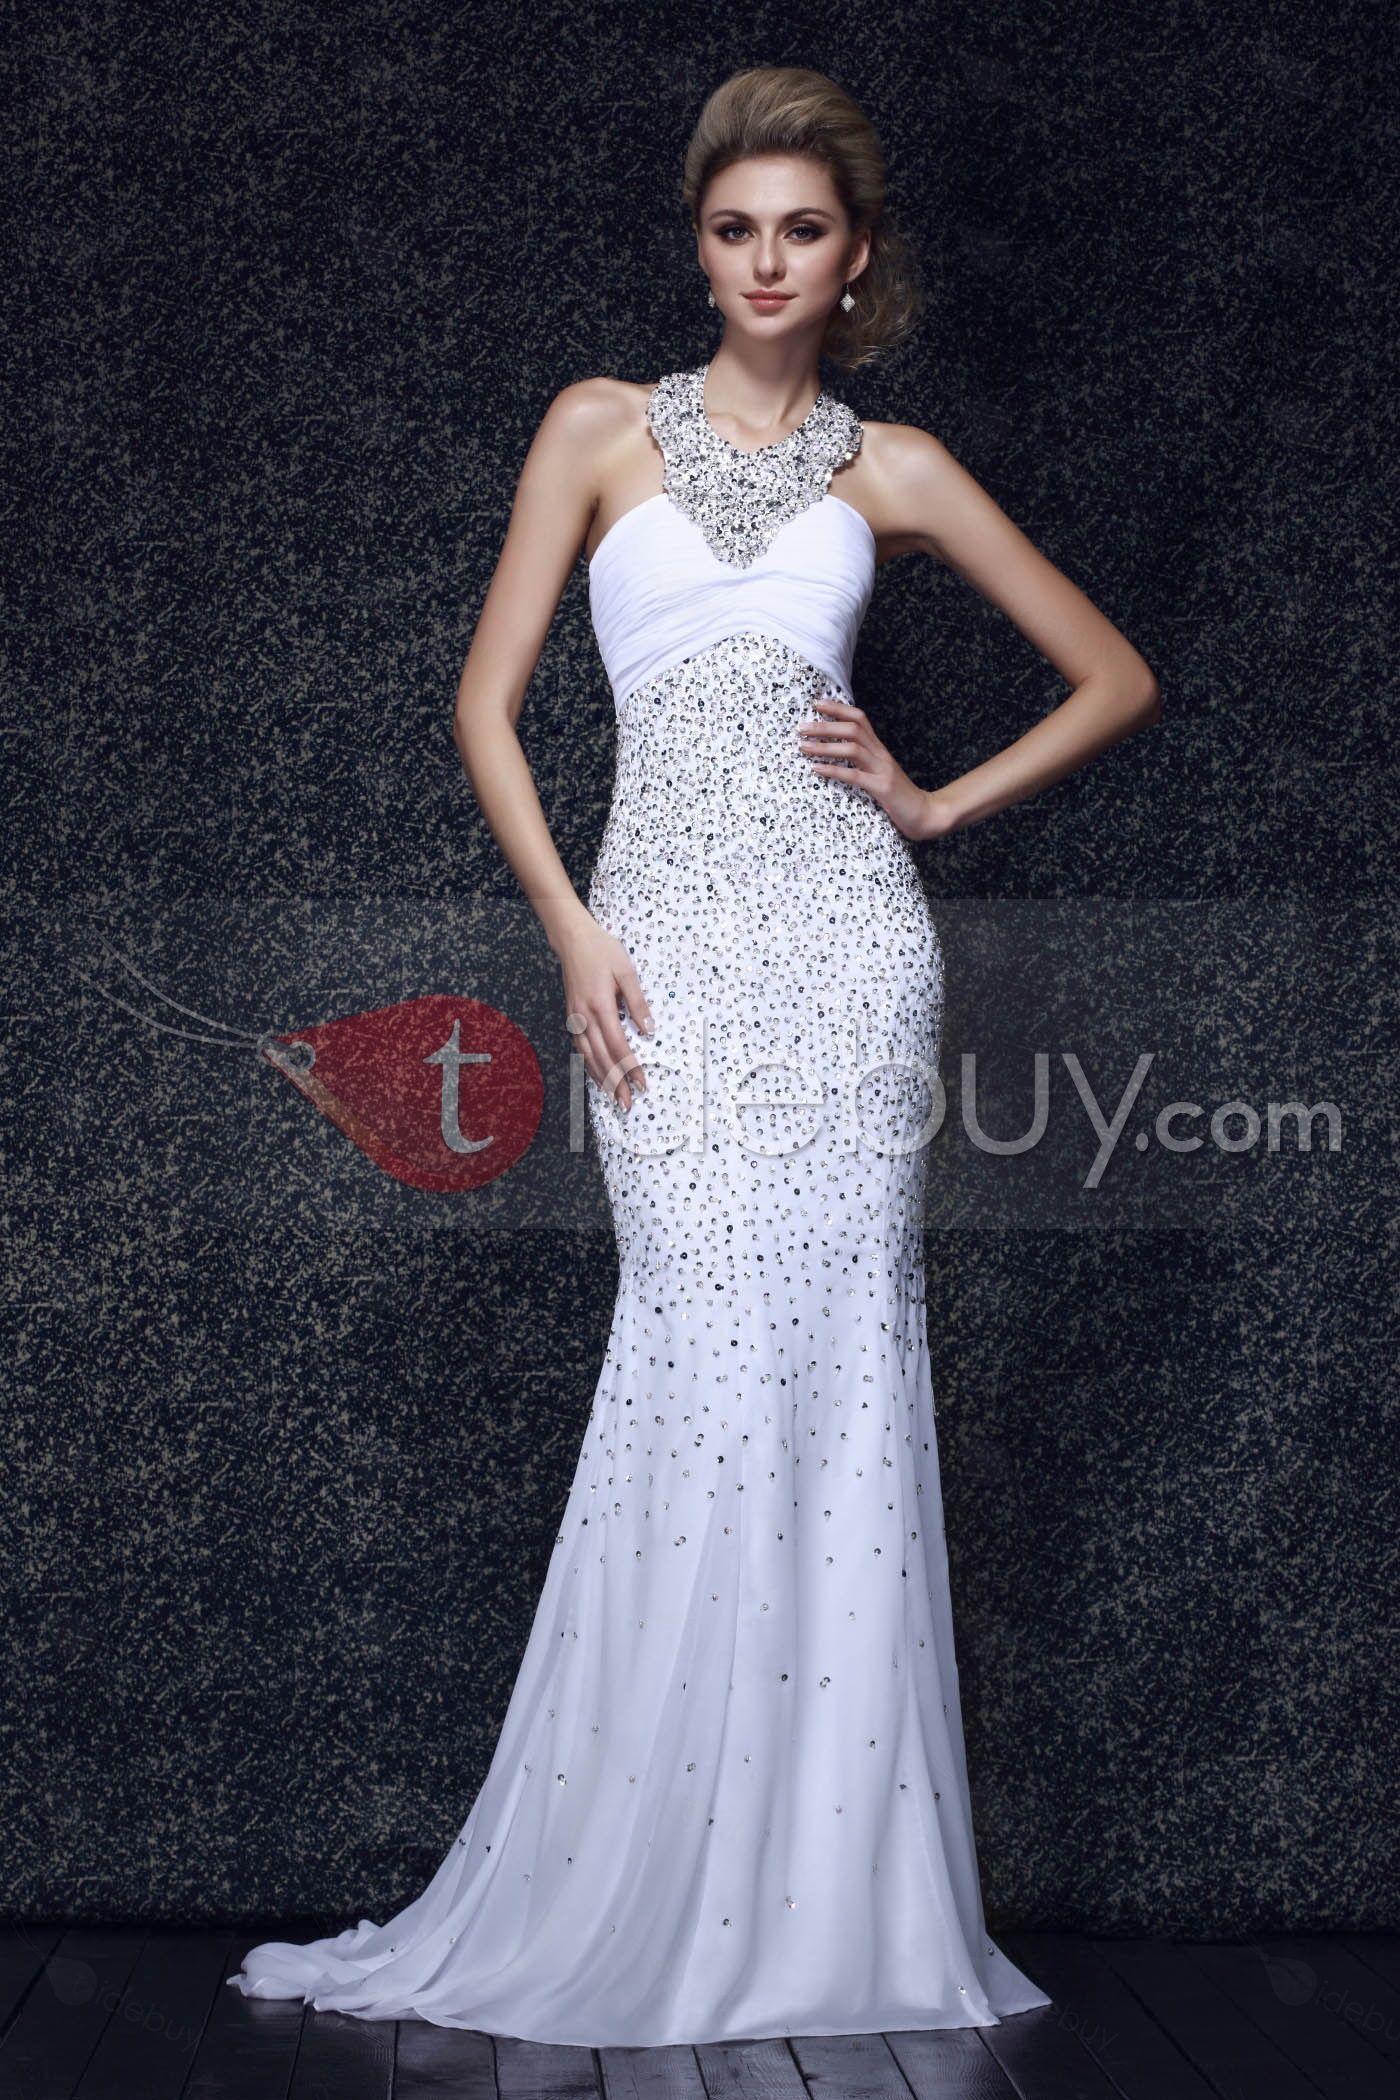 4c79c2a5c Vestidos de fiesta de color blanco con pedreria